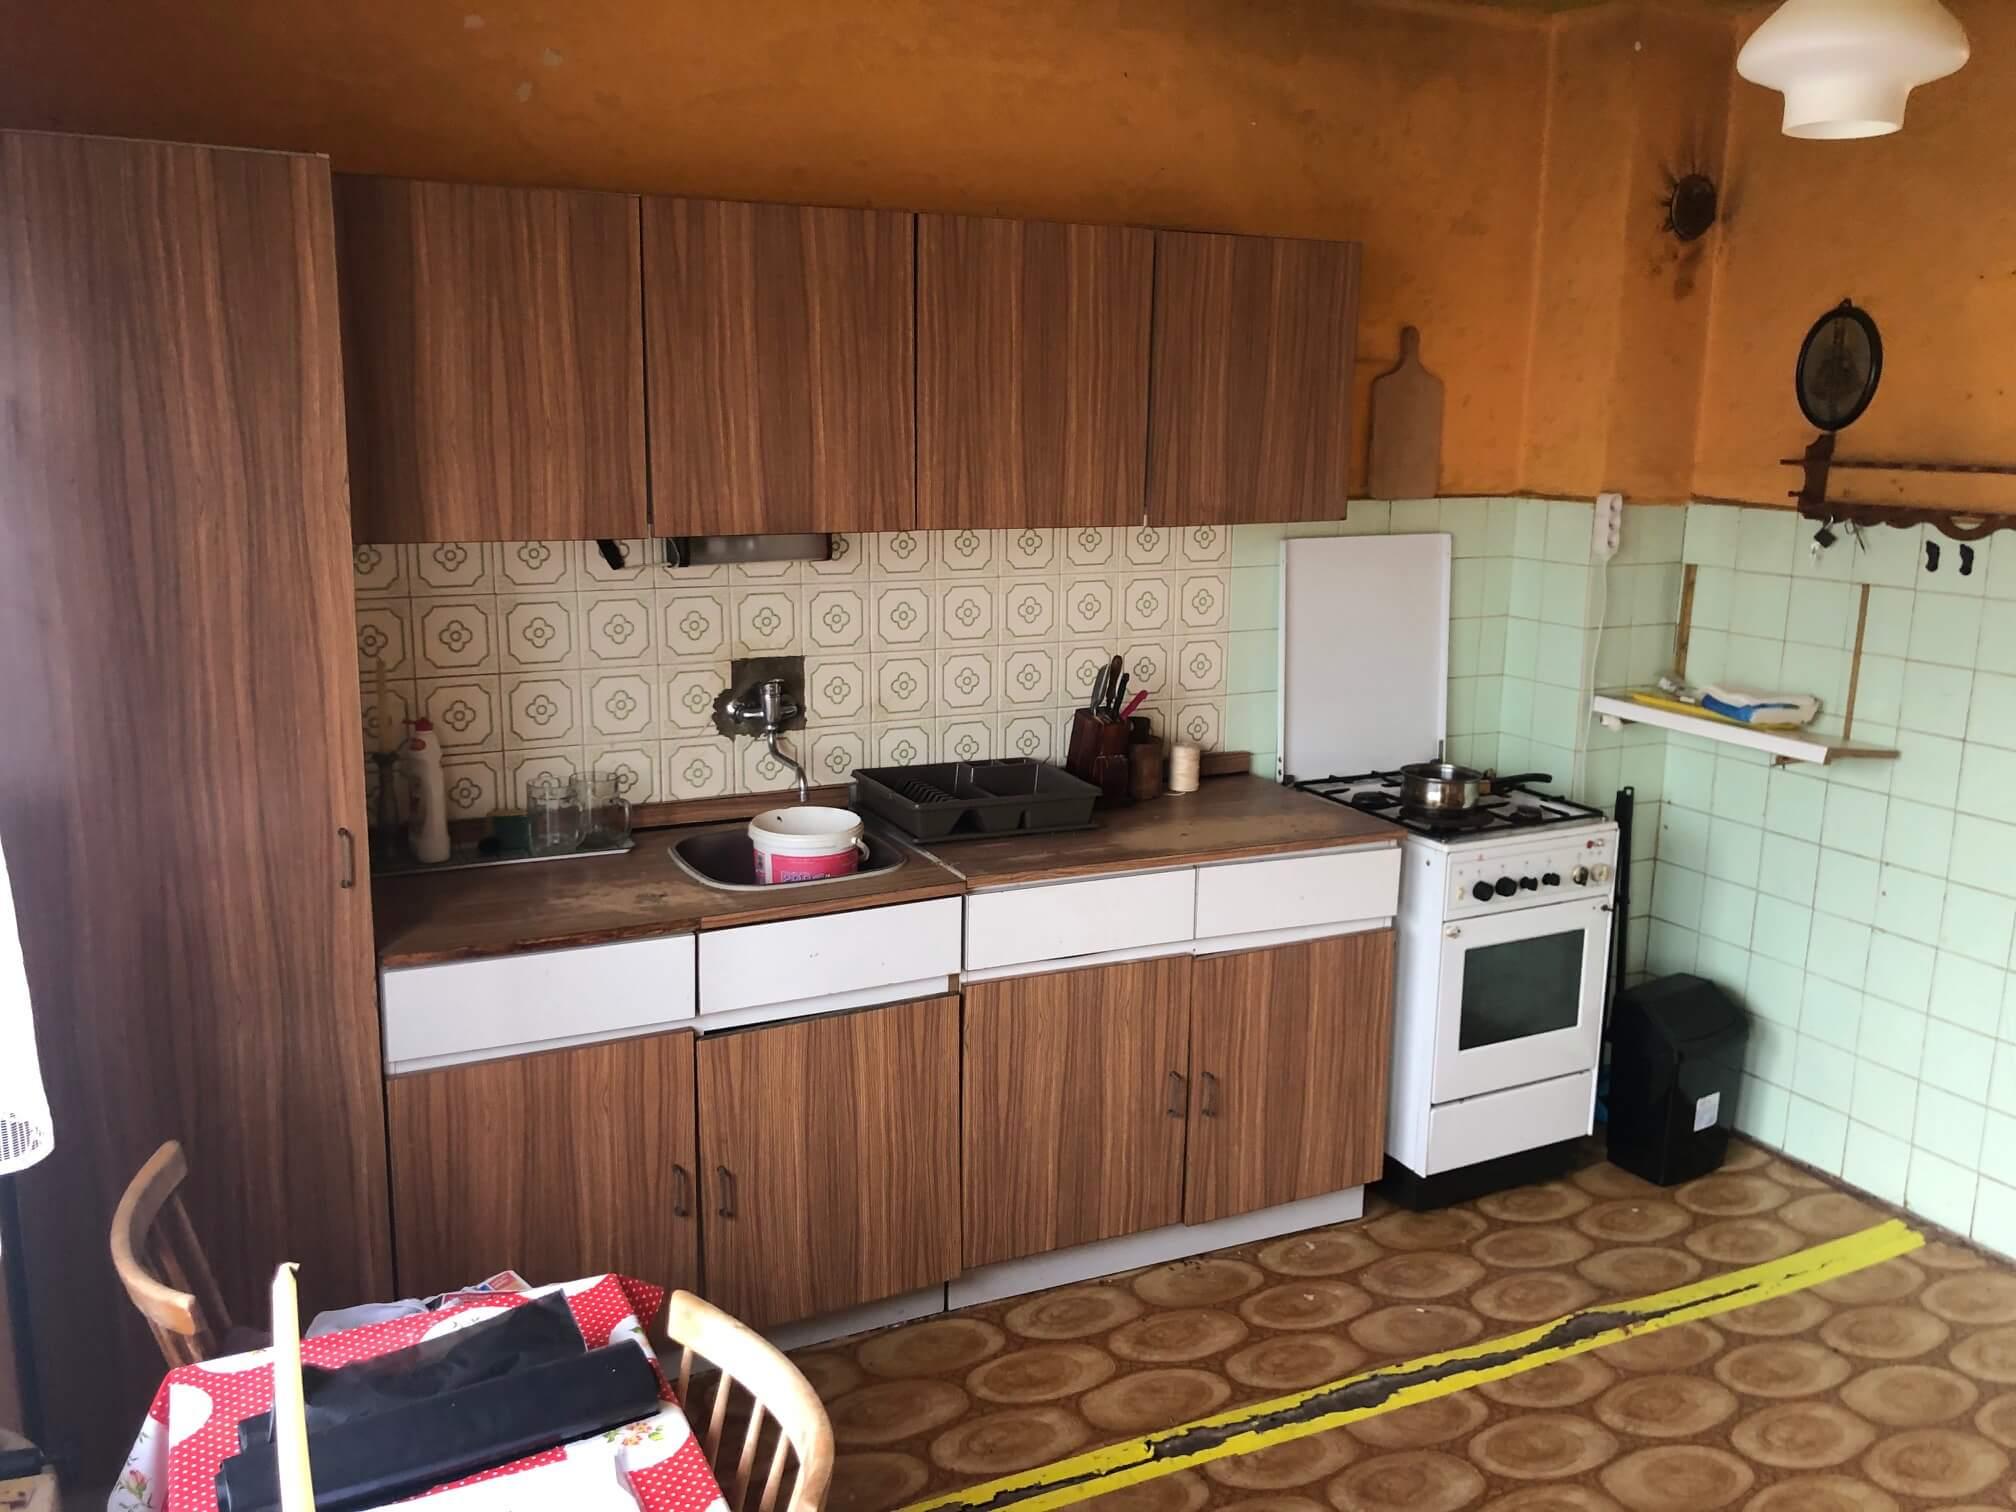 Prenajaté: Exkluzívne: Rodinný dom, 4 izbový, Šalgočka úžitková 140m2, podpivničenie 120m2, pozemok 1500m2-31